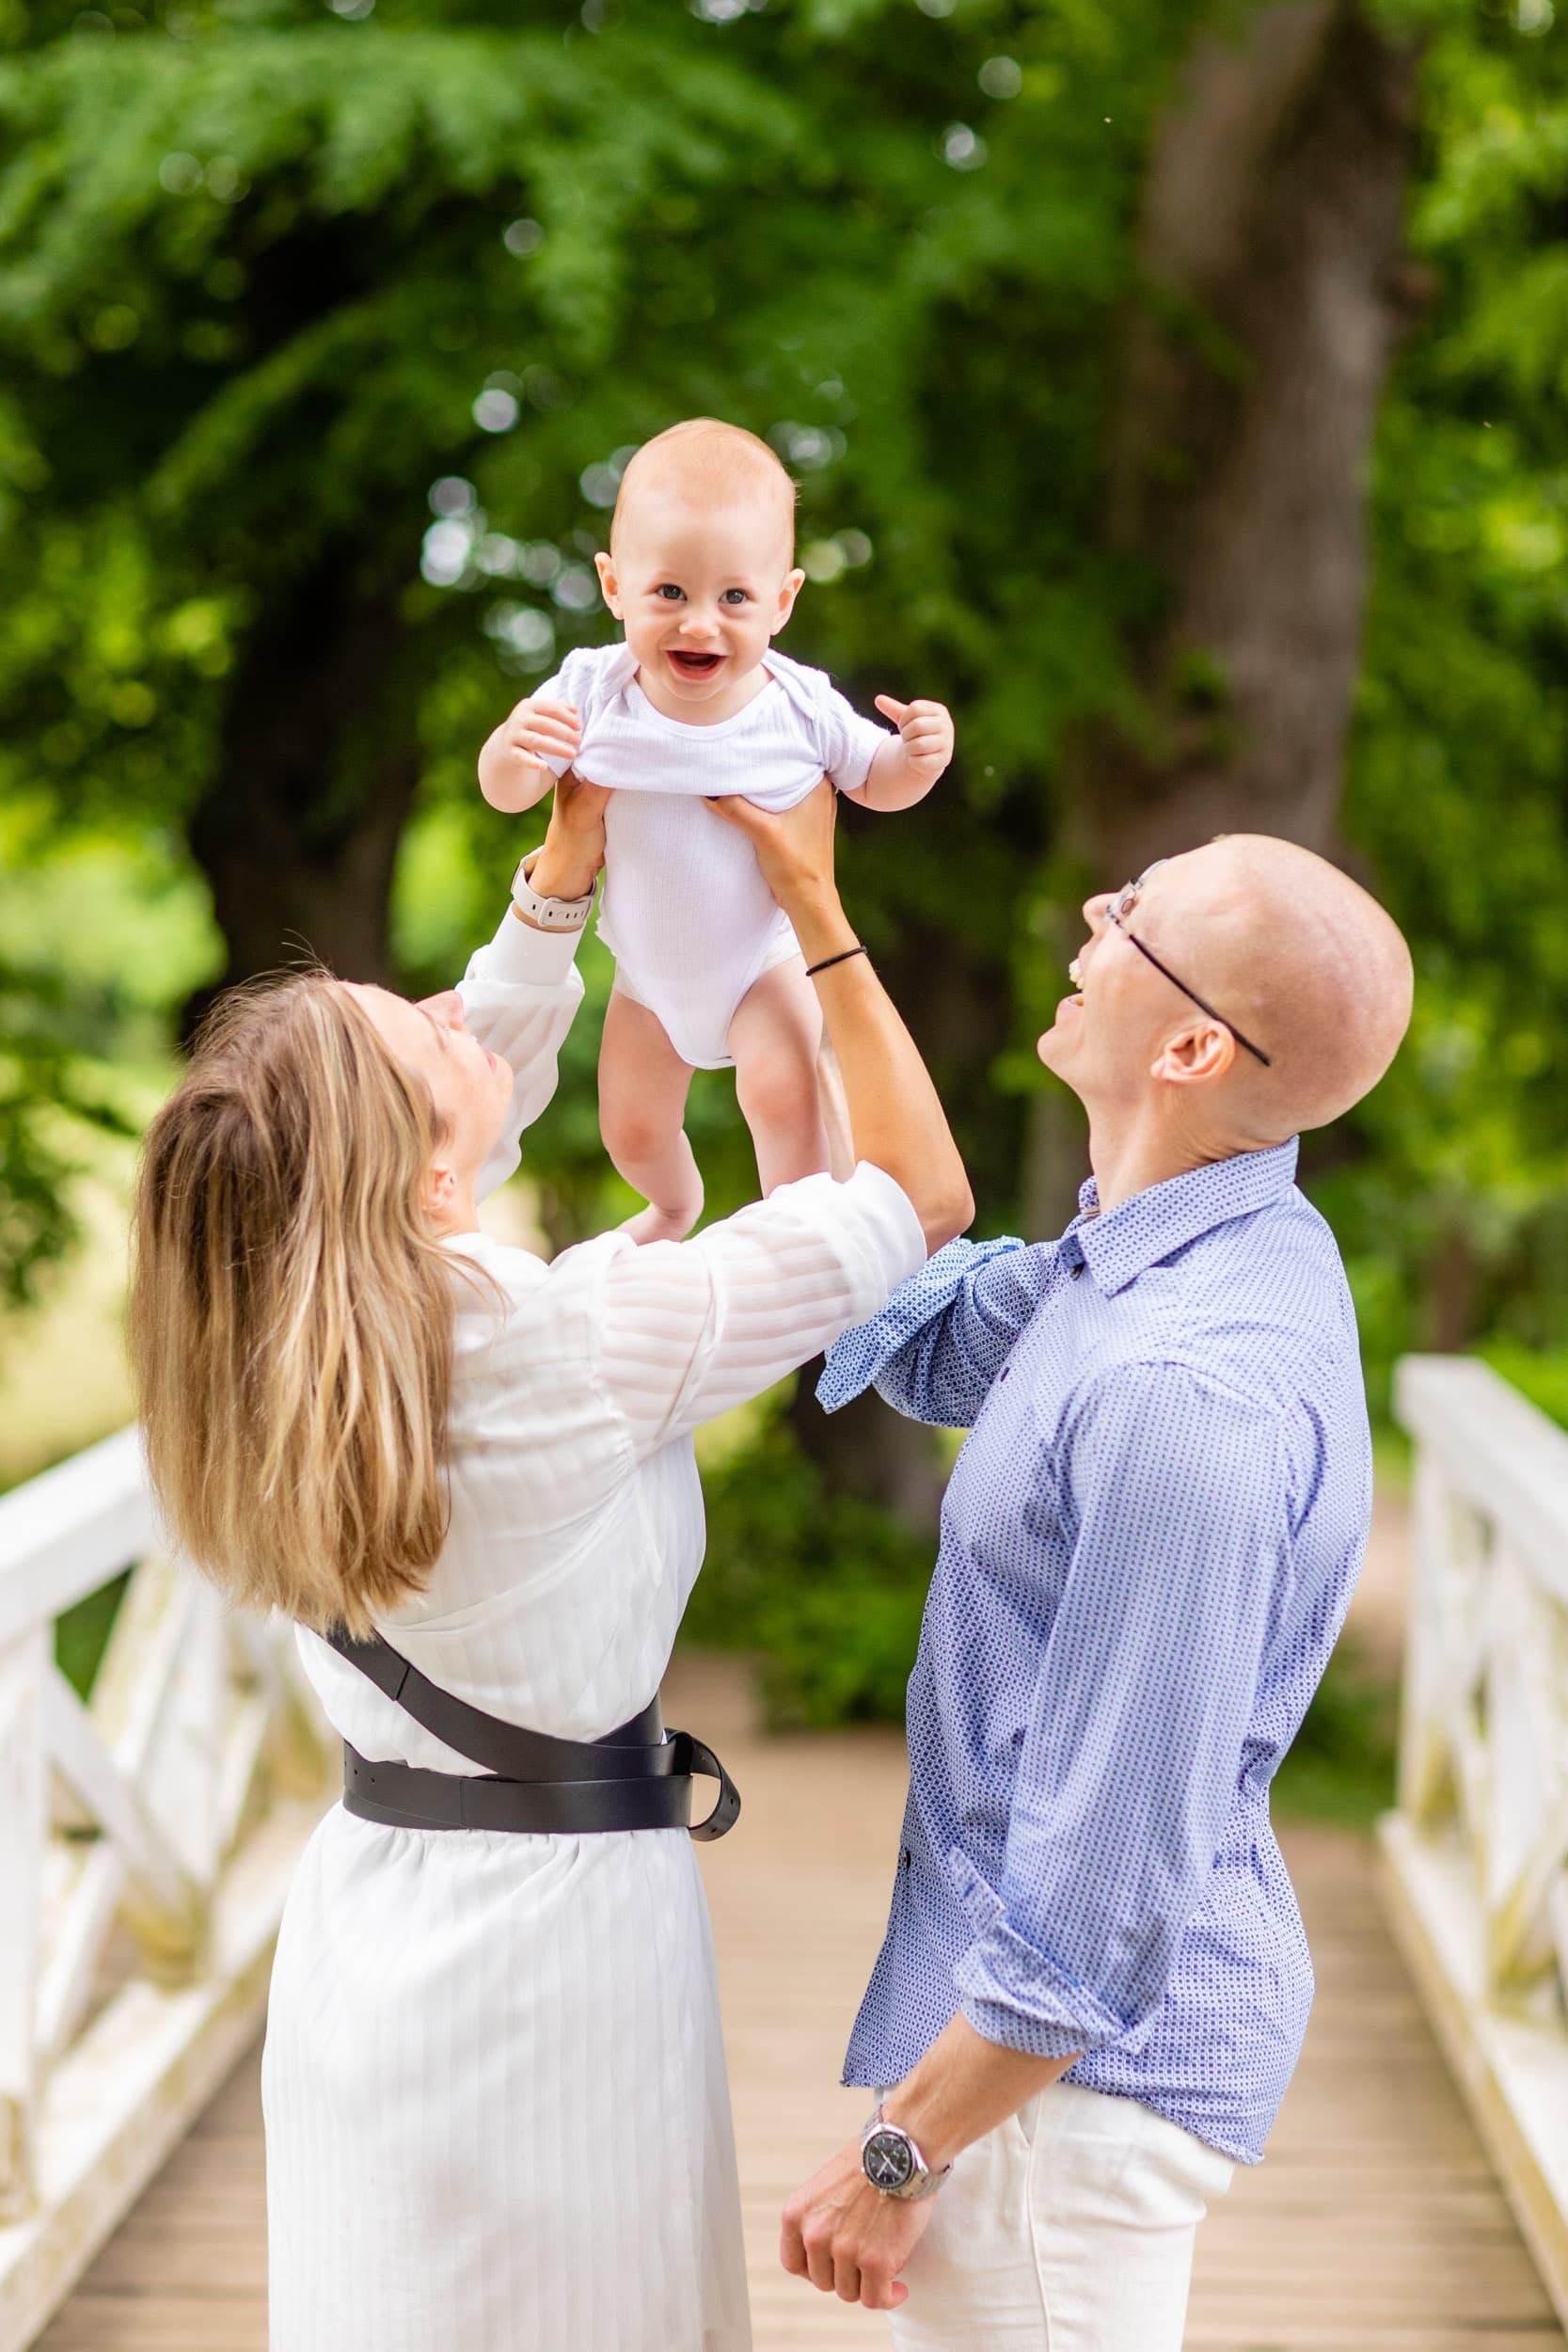 Familie fotograf ved Sophienholm - del 4Familie fotograf ved Sophienholm - del 4